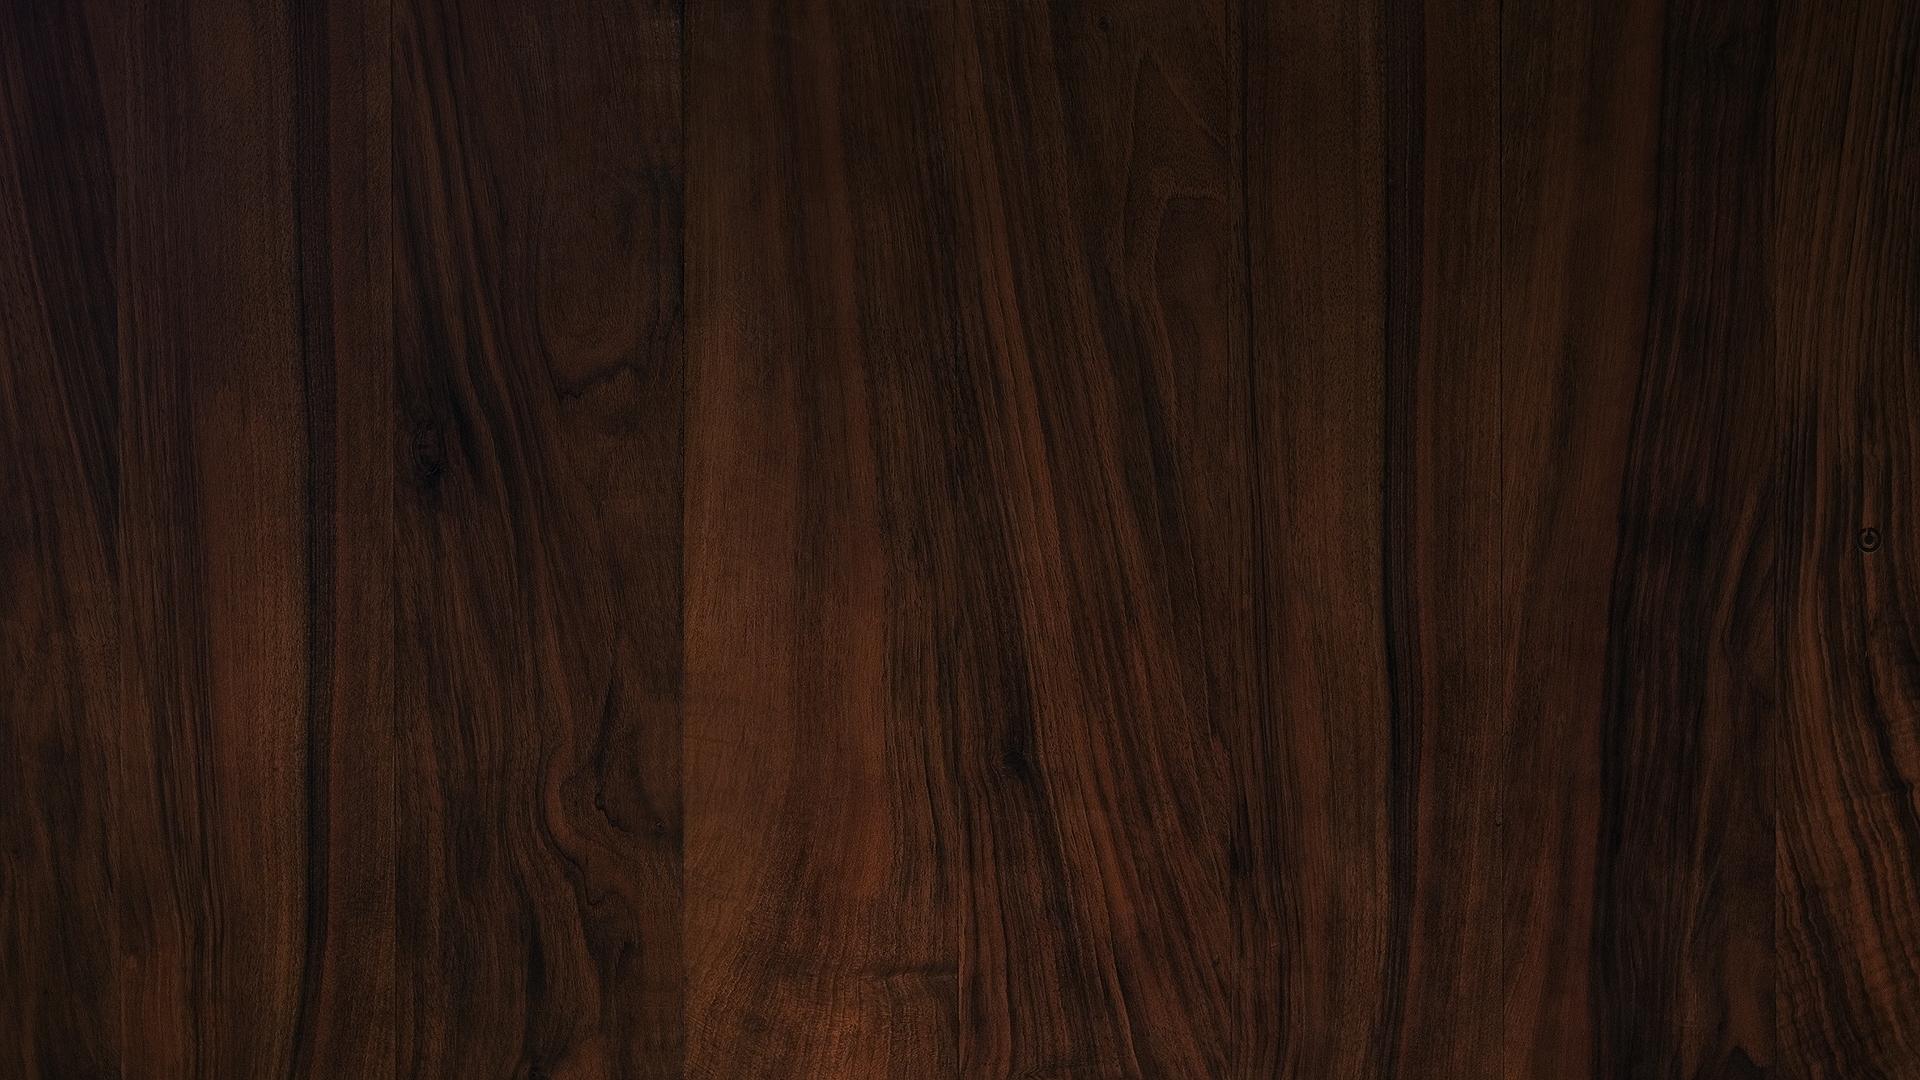 dark wood wallpaper hd,laminate flooring,wood flooring,wood,hardwood,brown